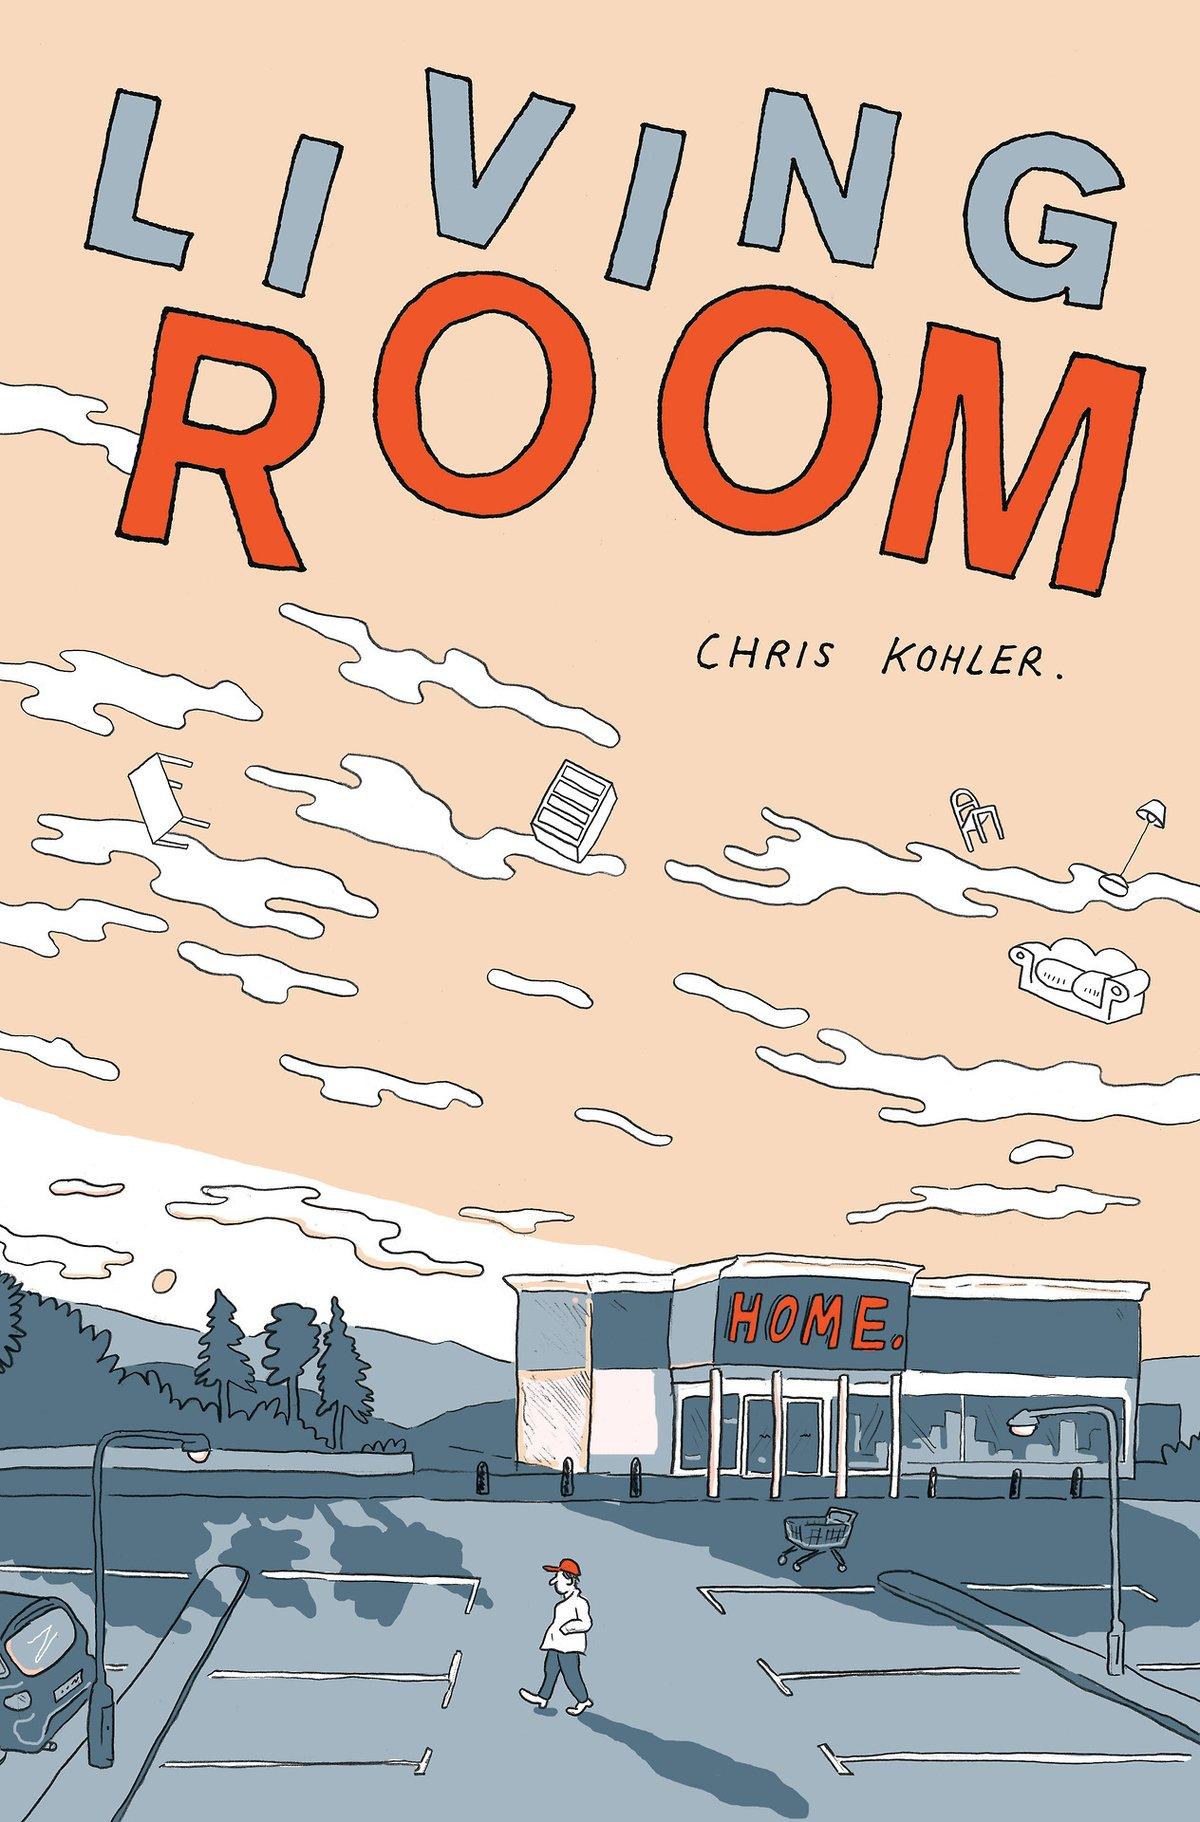 Image of Living Room by Chris Kohler